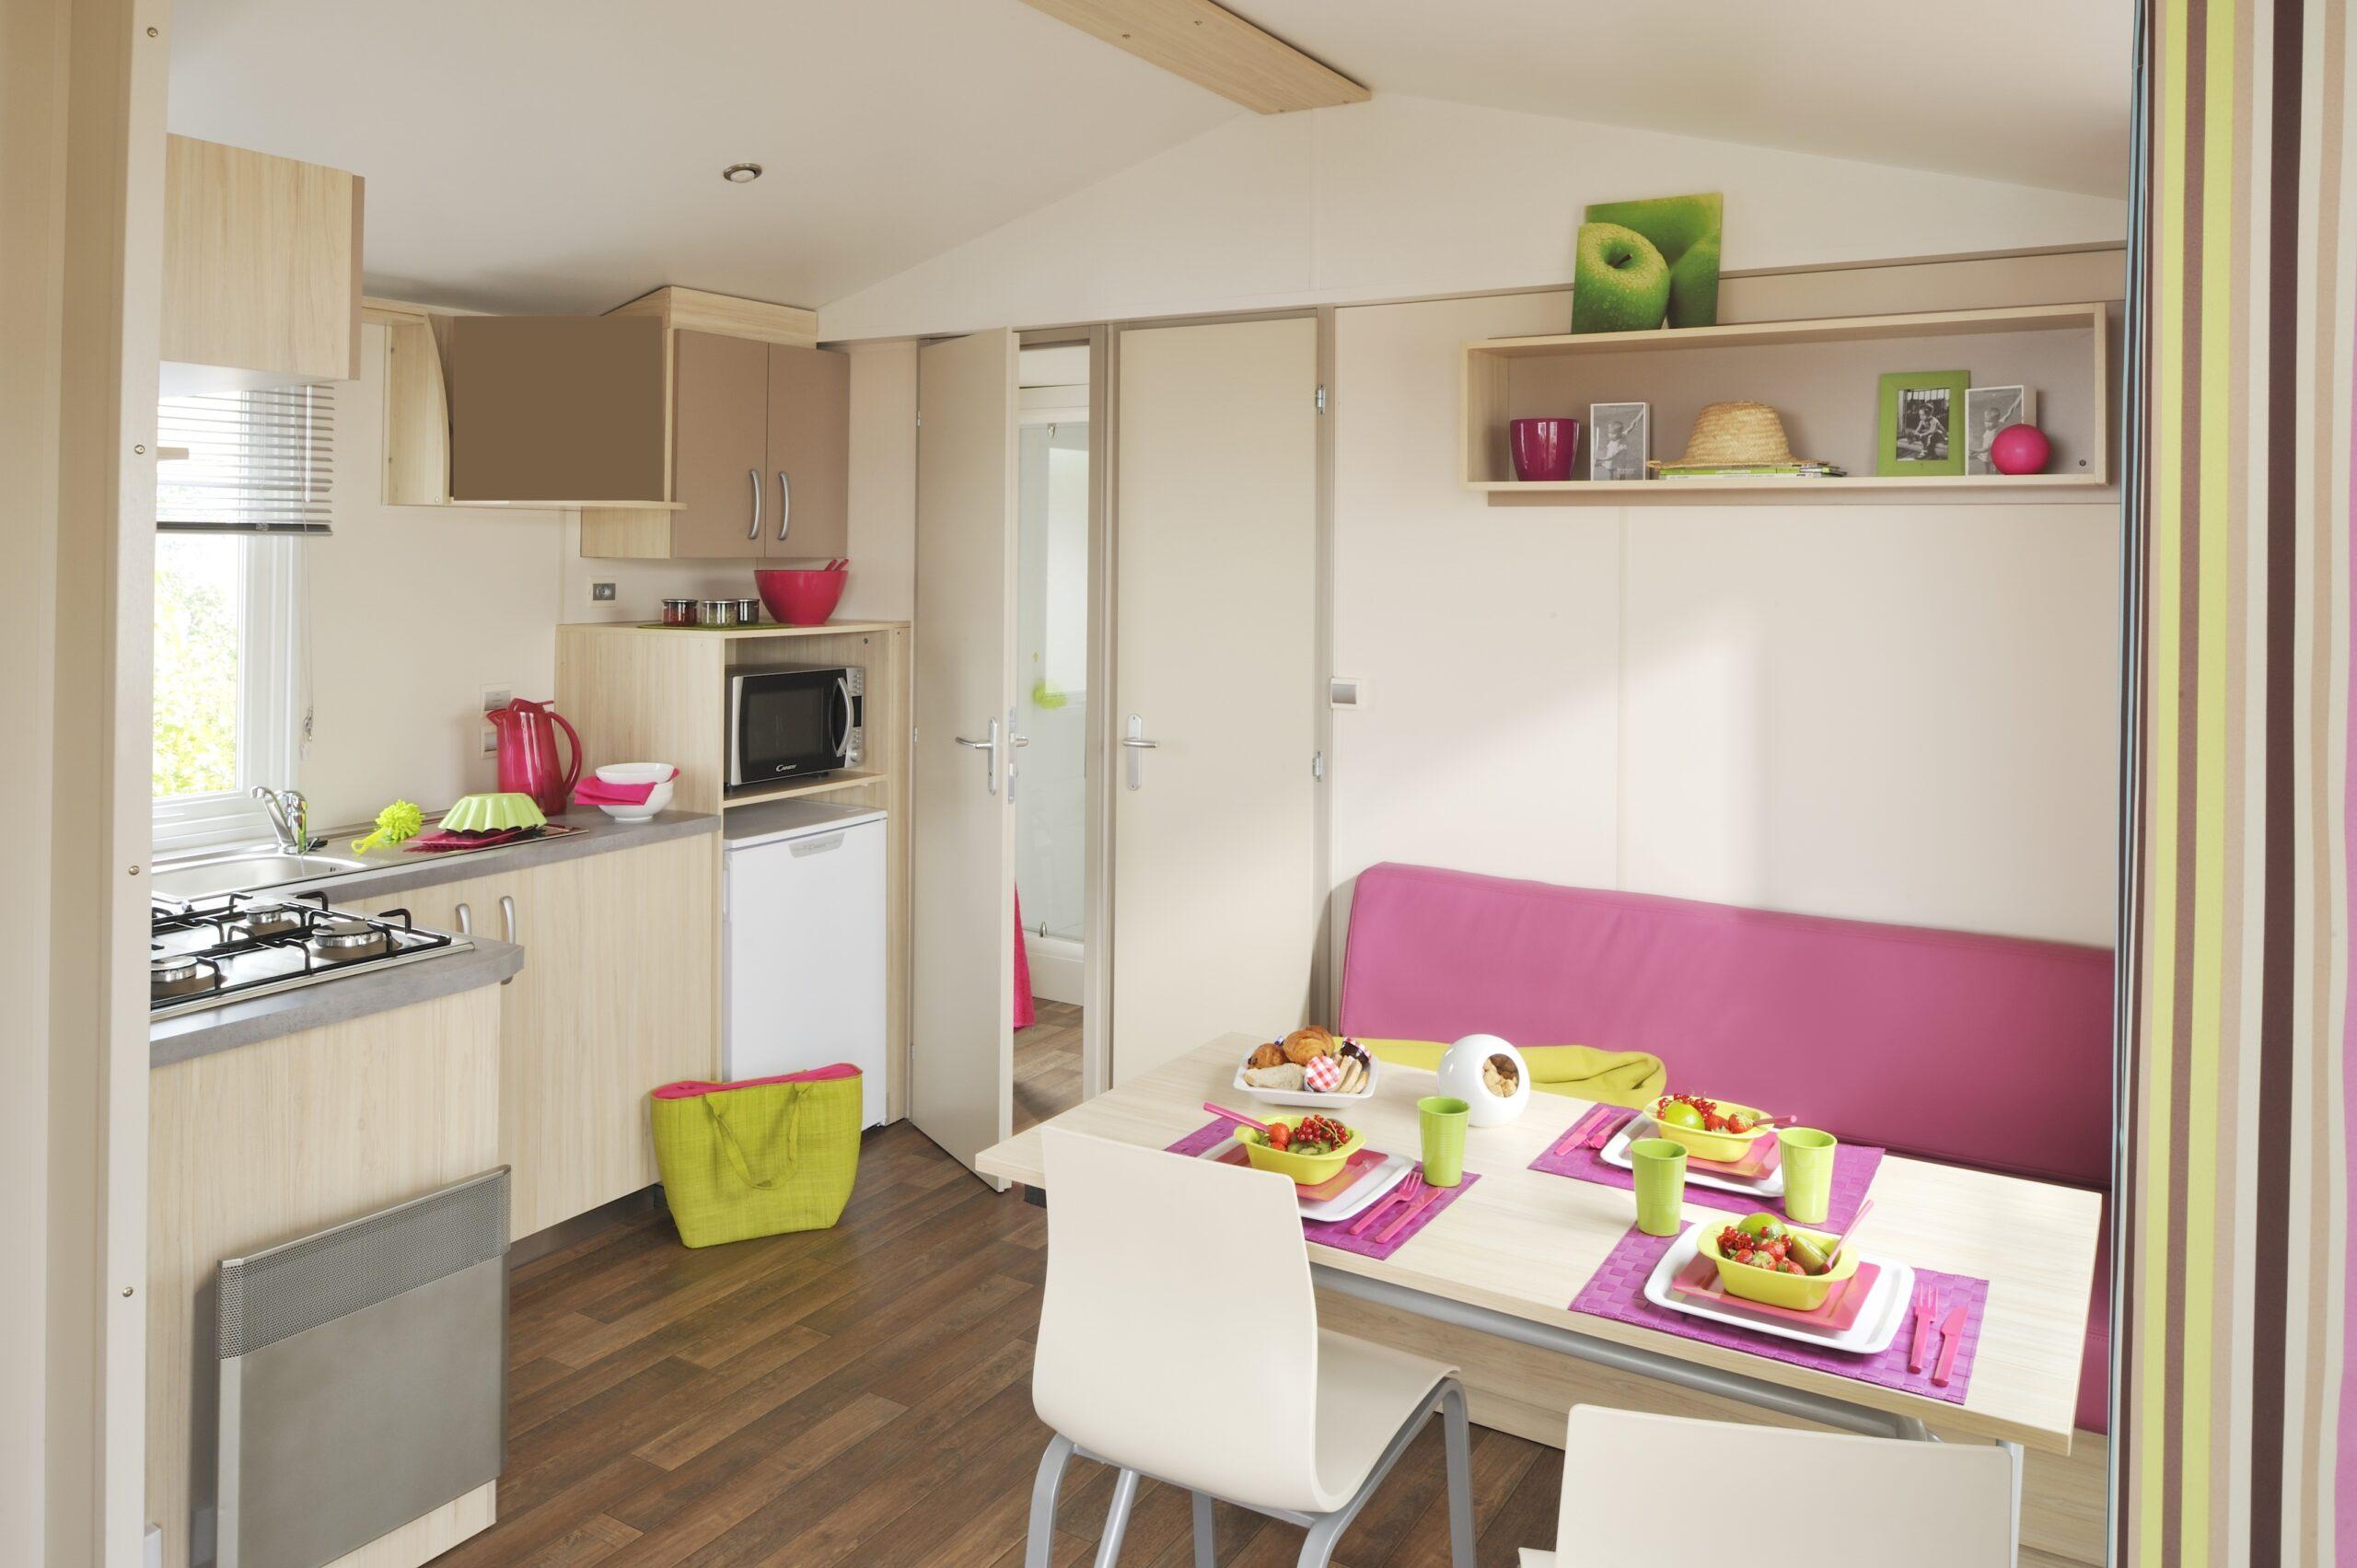 Location-mobil-home-grand-espace-cuisine-camping-saint-jean-de-monts-Le-Tropicana